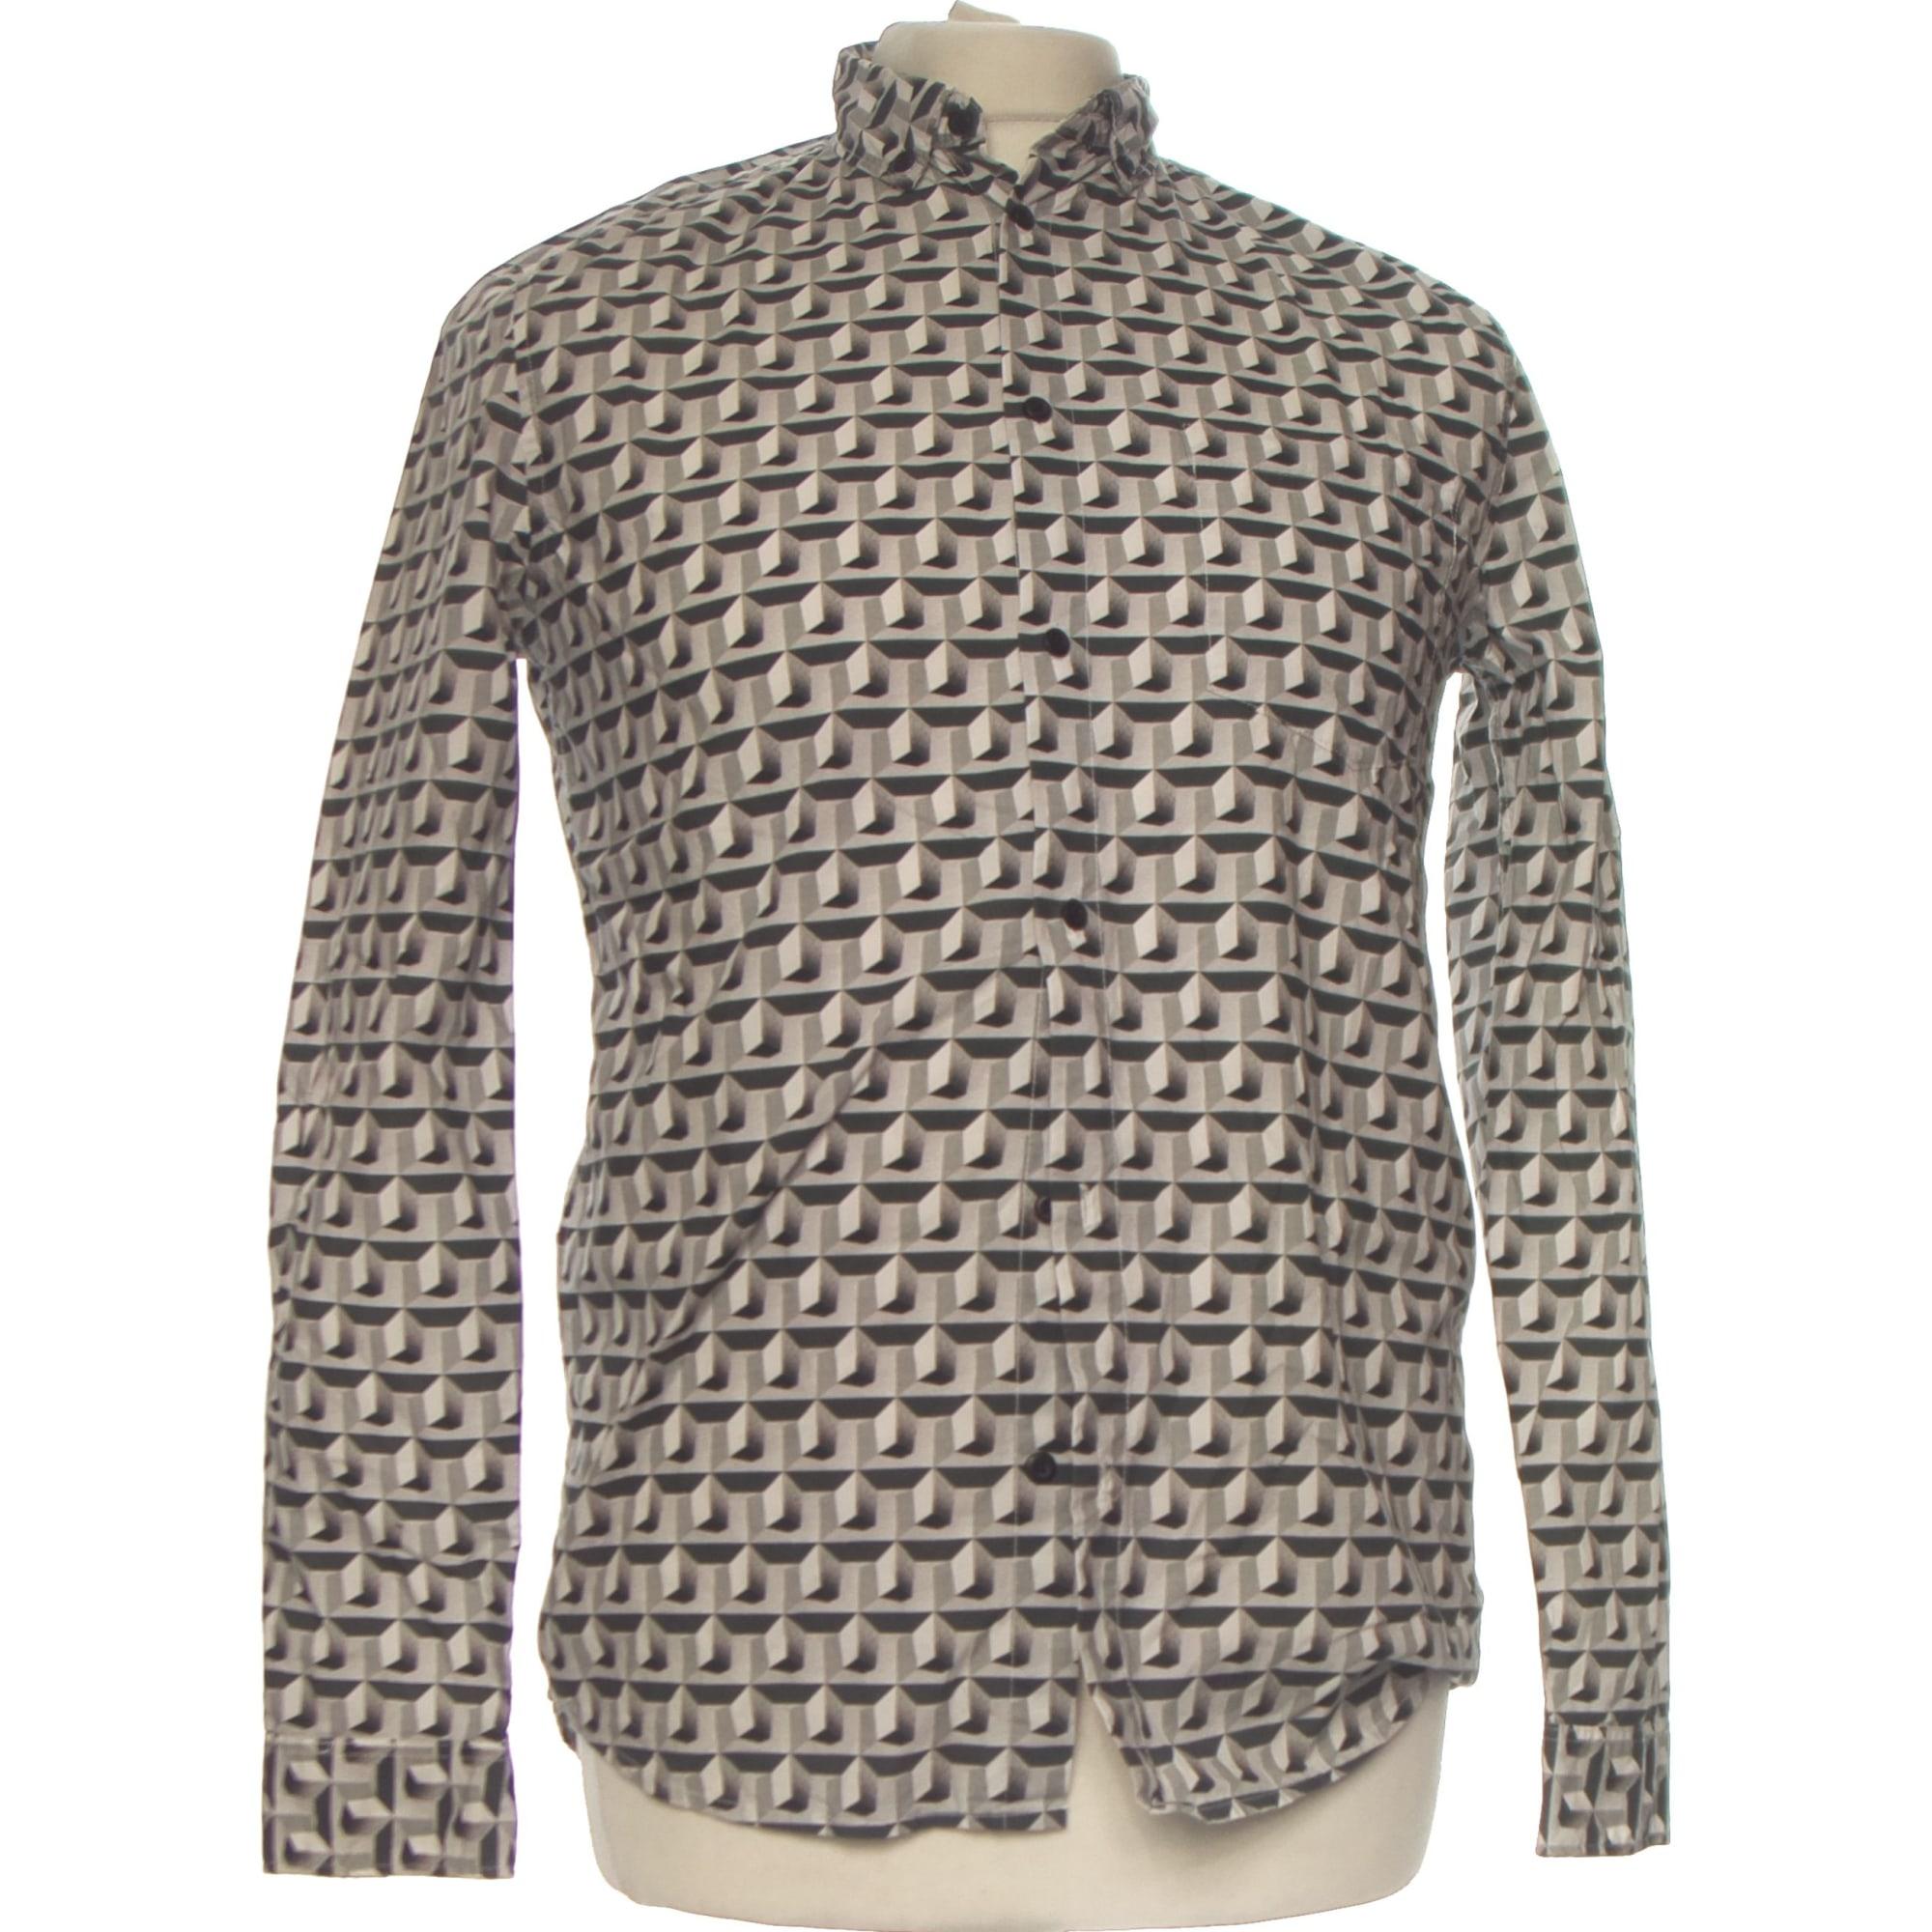 Shirt H&M Gray, charcoal